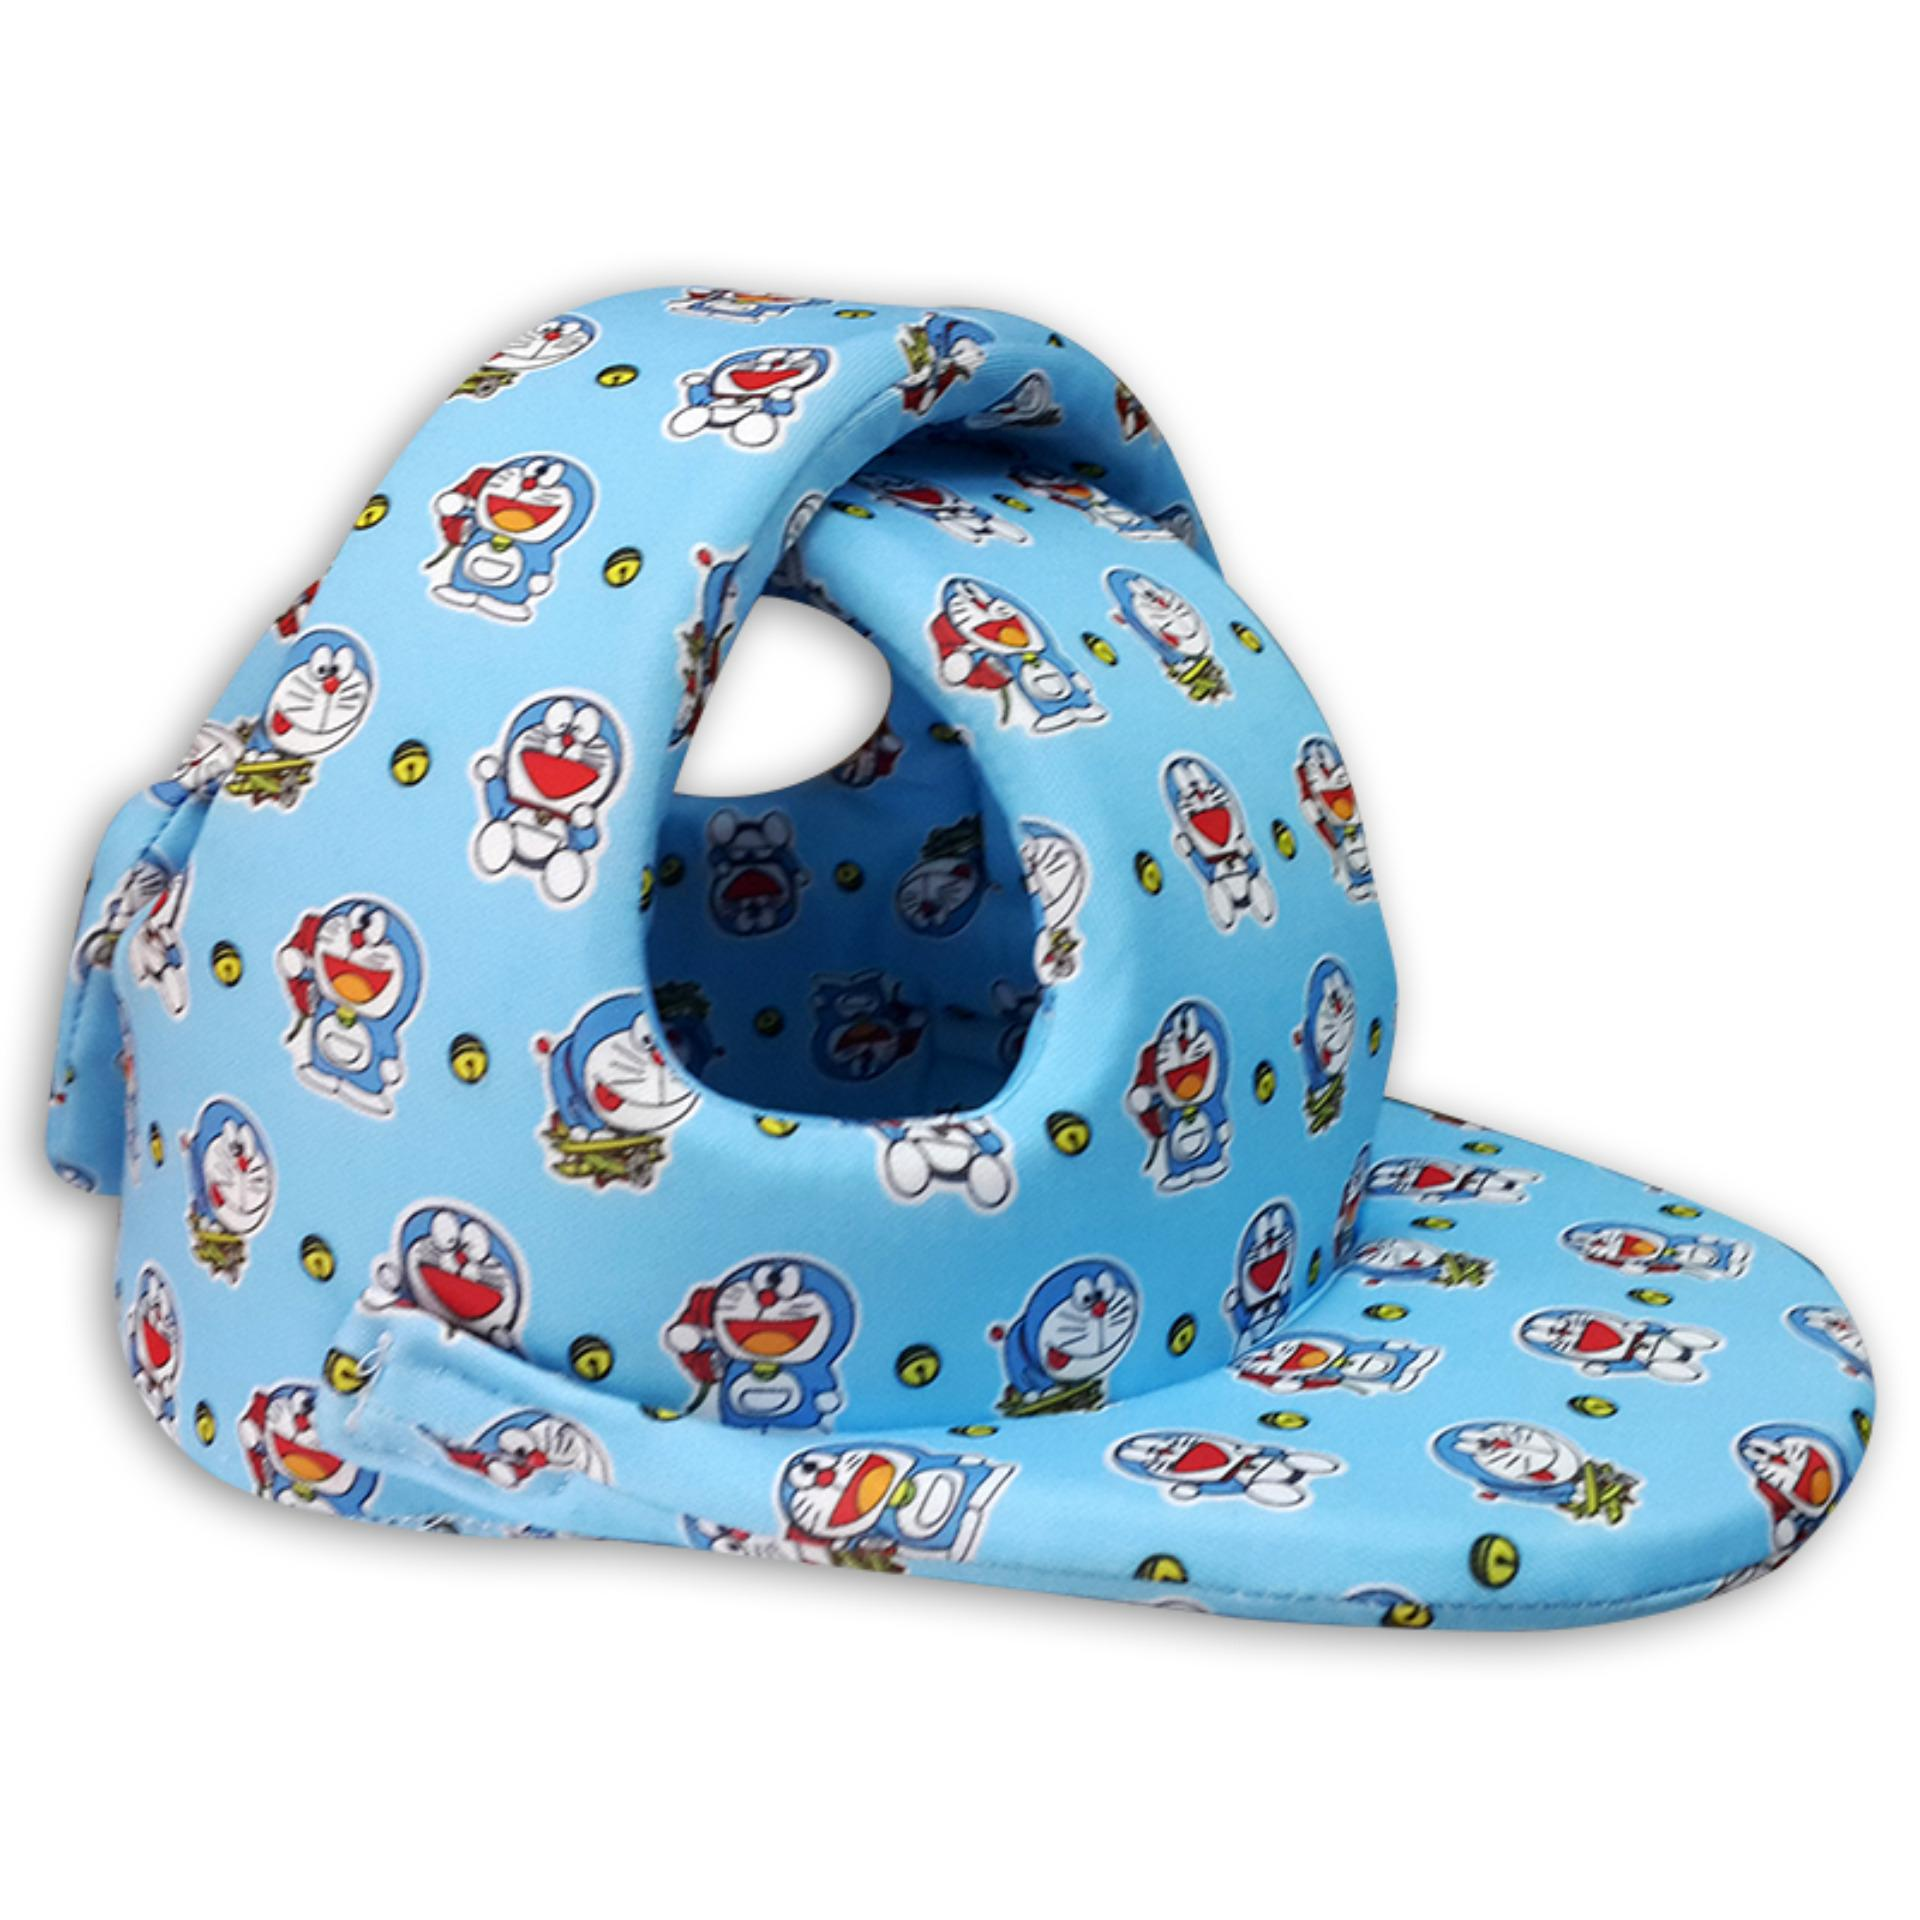 Nón bảo hiểm Babyguard Handmade Xanh 02- Mũ tập đi